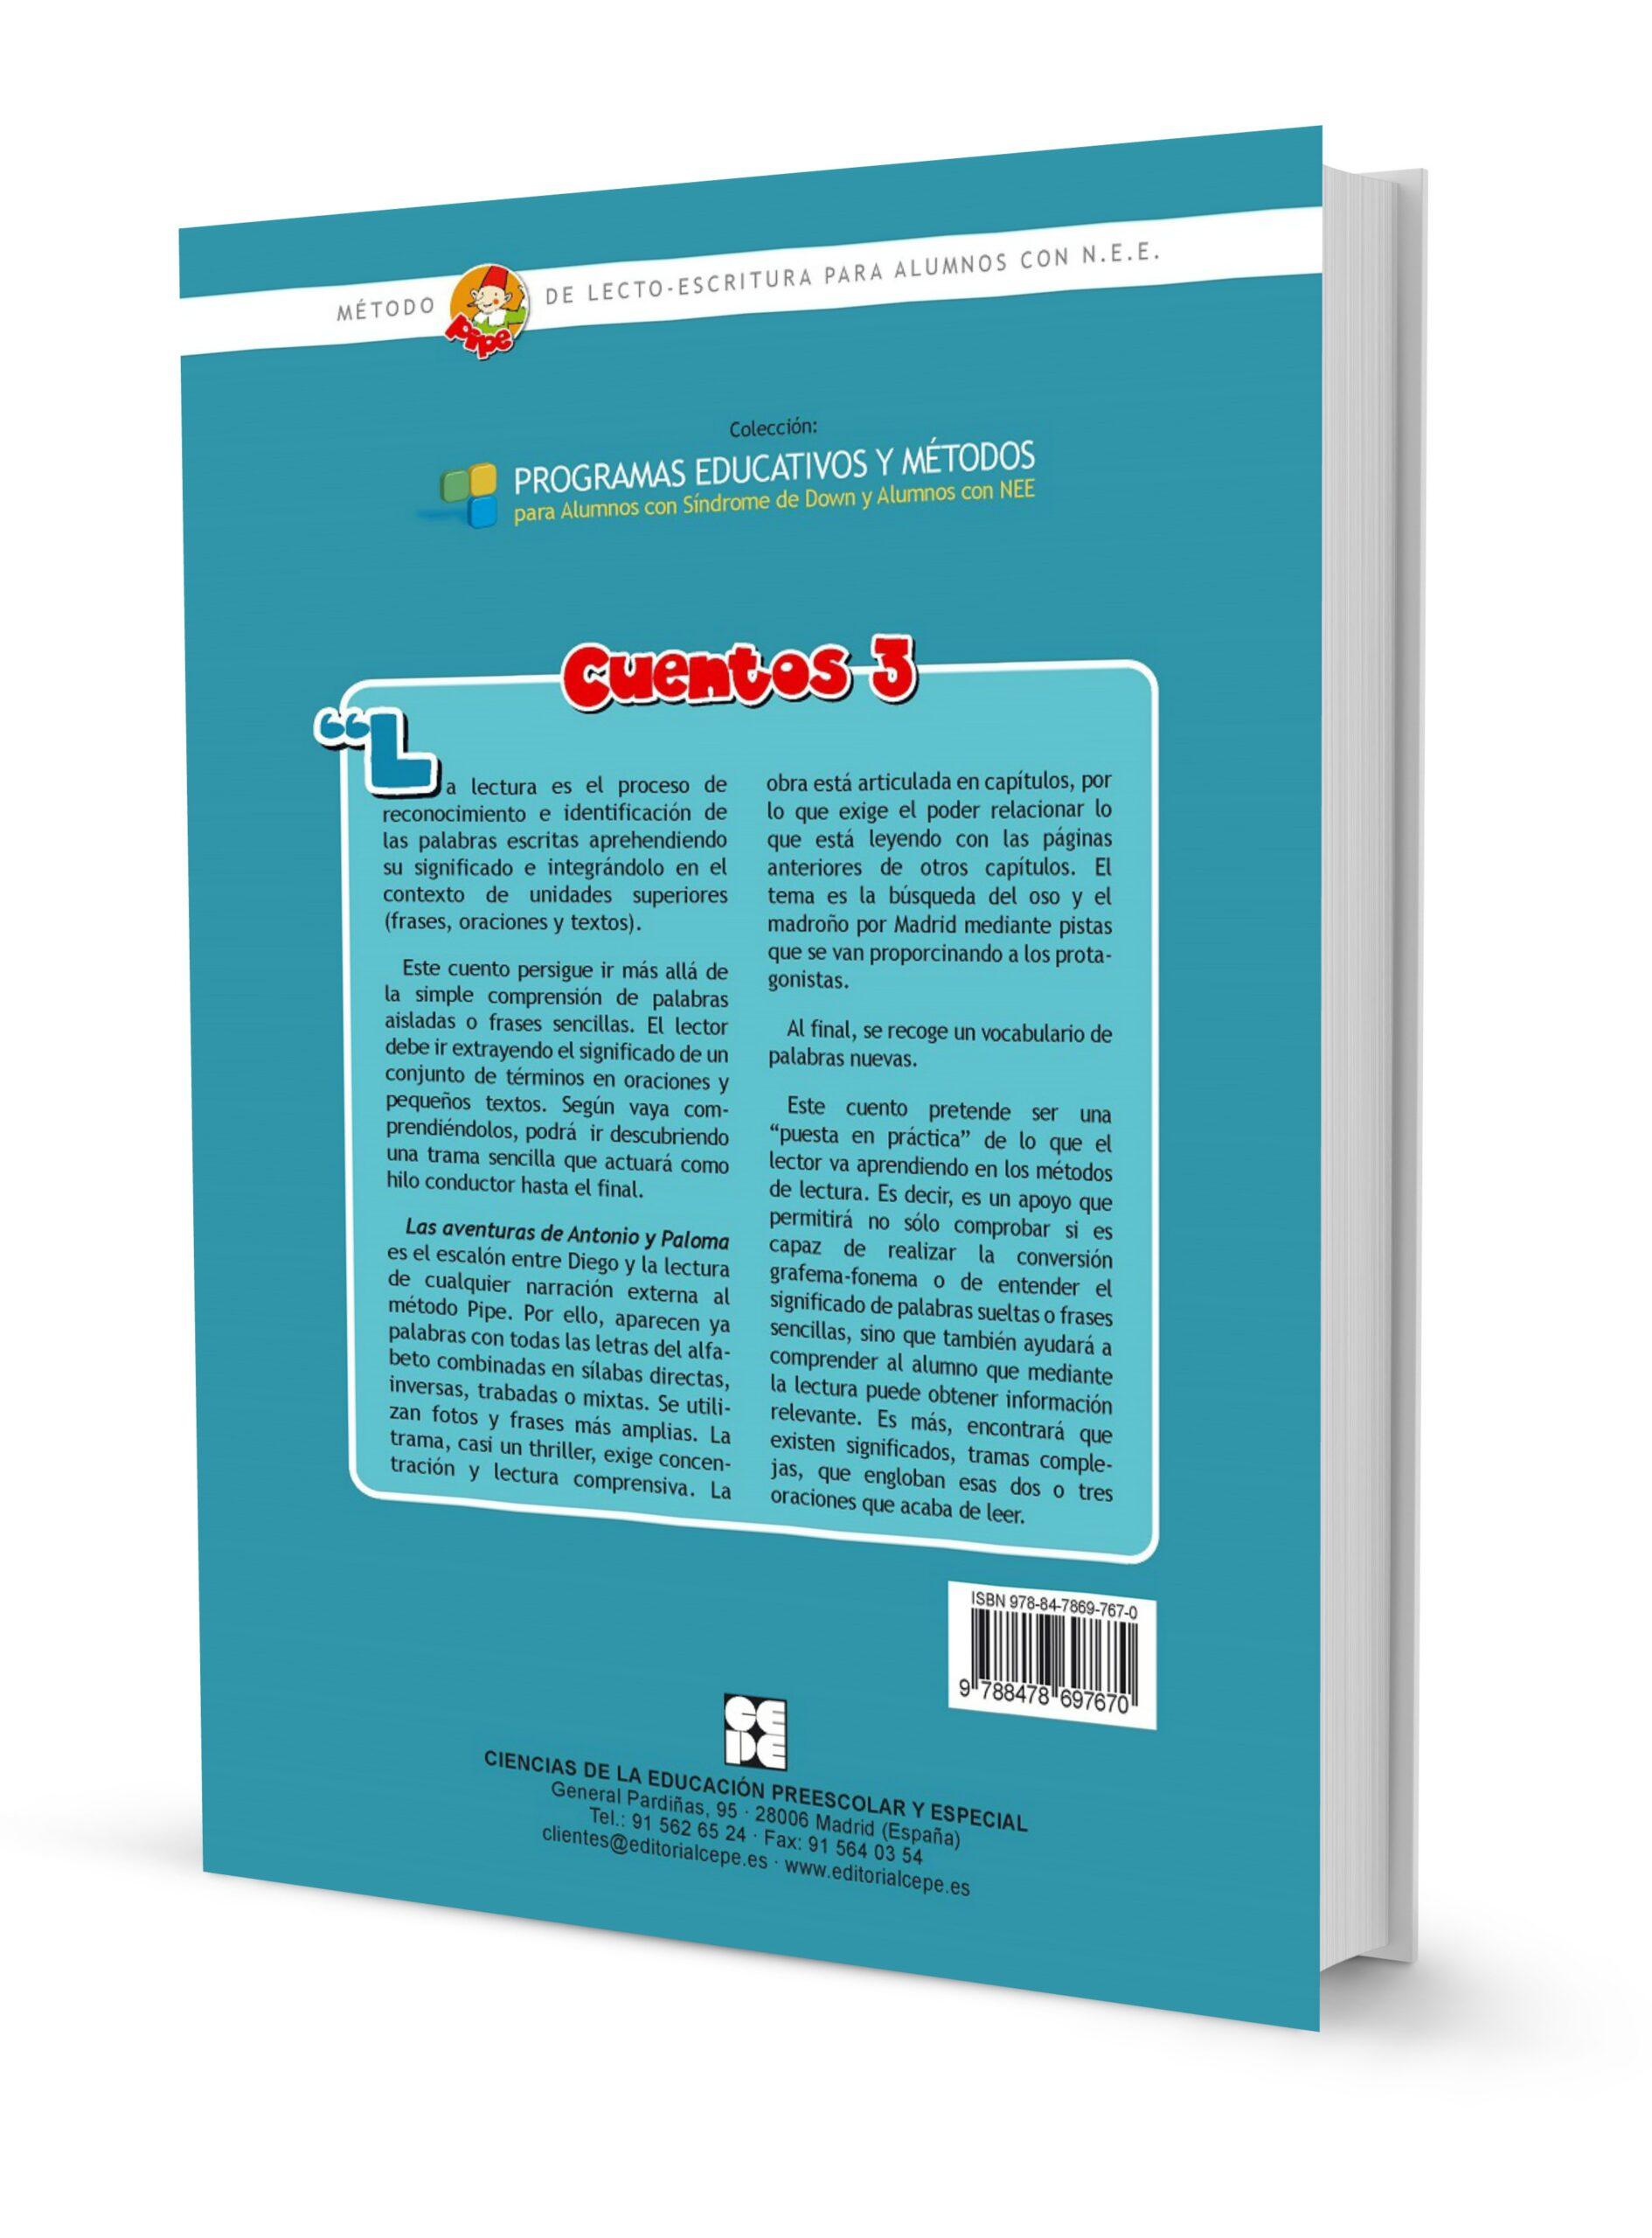 Método de lectura PIPE. Cuento 3. Las aventuras de Antonio y Paloma